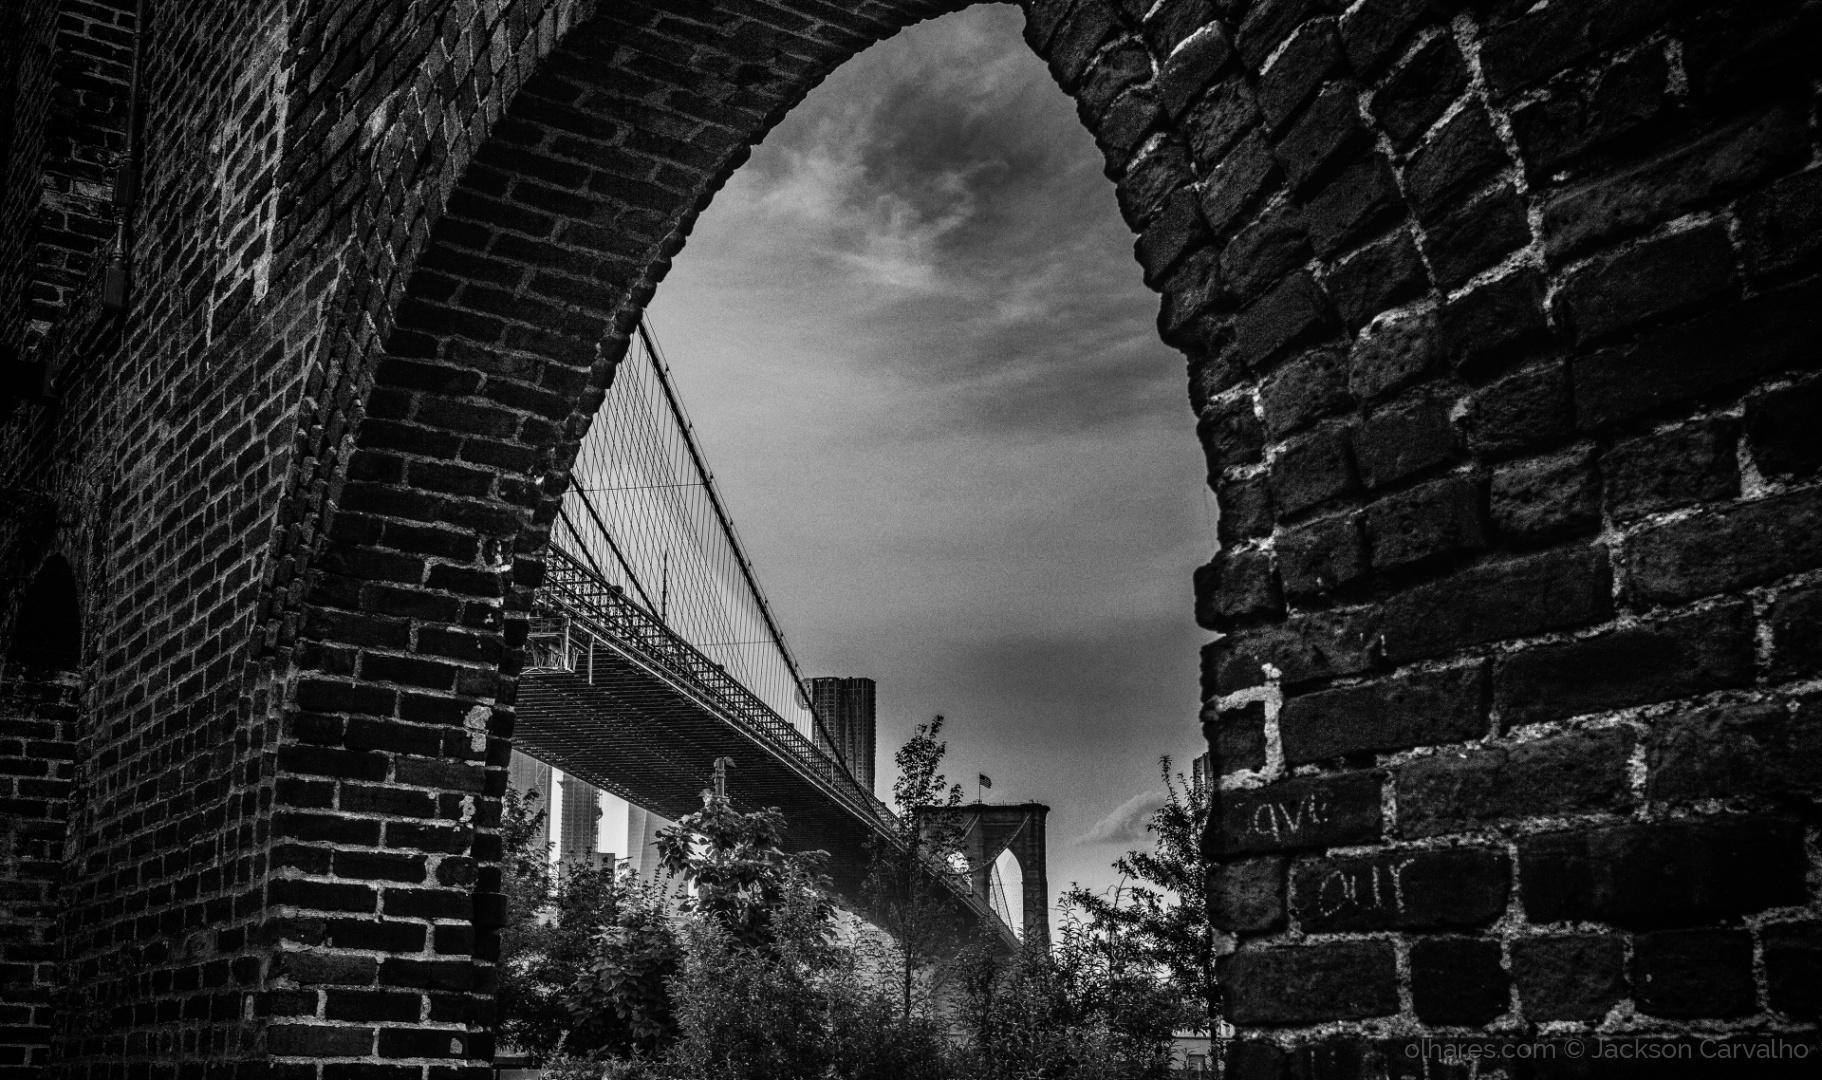 Paisagem Urbana/Arch